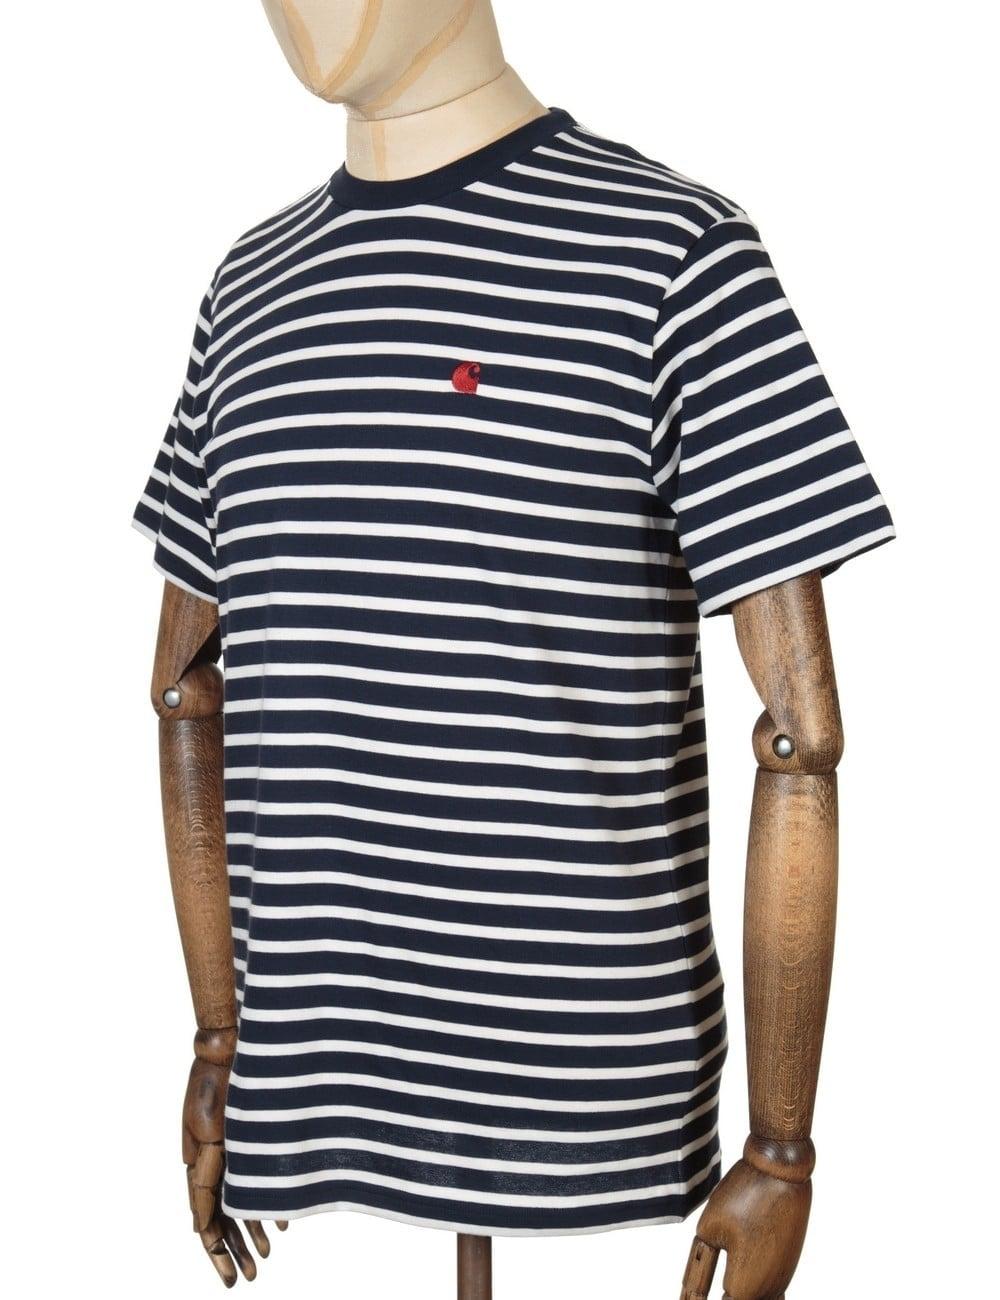 delikatne kolory fabrycznie autentyczne tania wyprzedaż usa Robie Stripe T-shirt - Navy/Snow